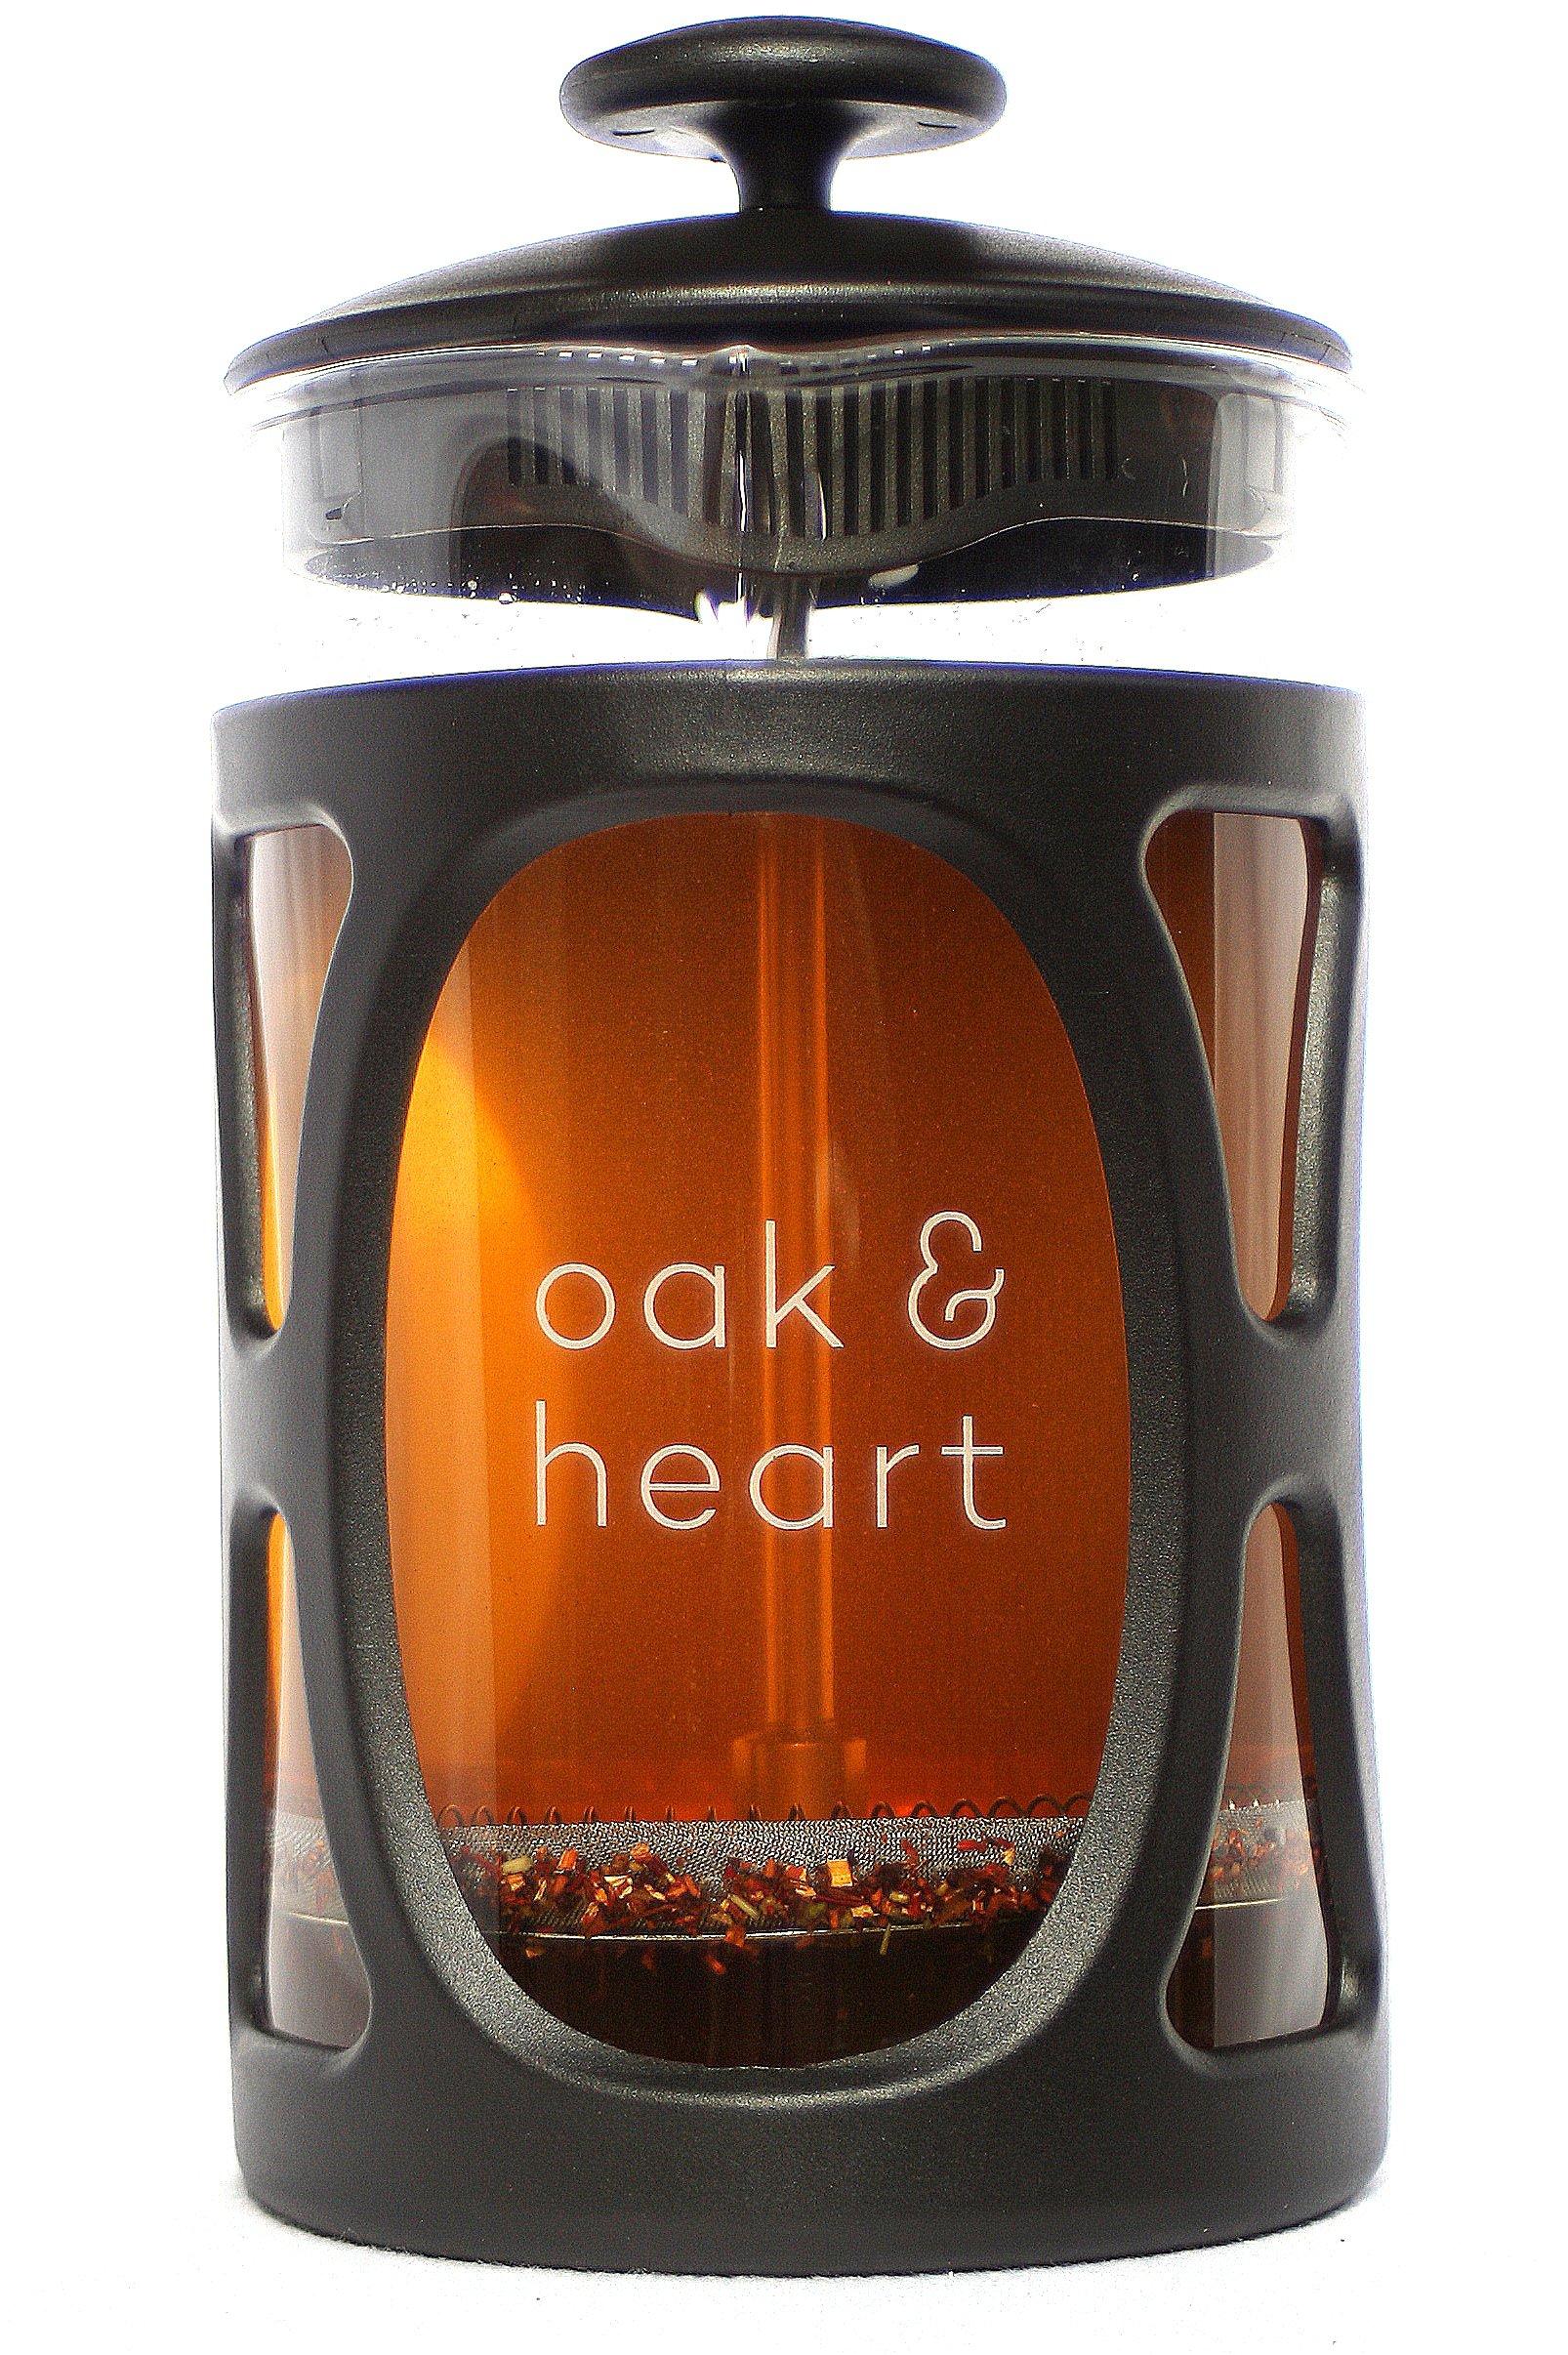 Oak & Heart French Press - Best Coffee Tea & Espresso Maker by oak & heart